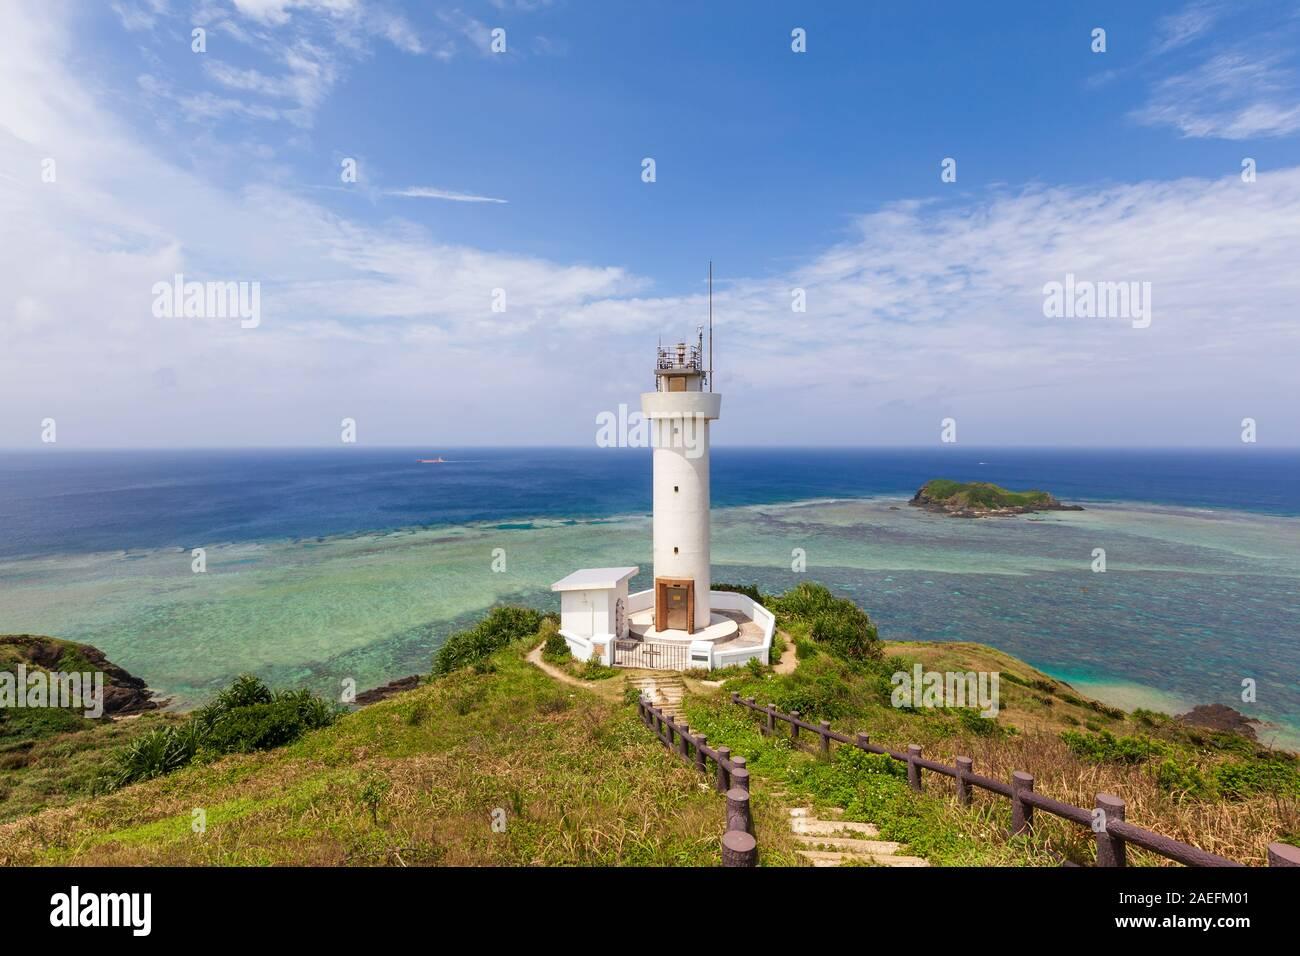 Hirakubo phare sur l'île d'Ishigaki dans la préfecture d'Okinawa, Japon. Banque D'Images